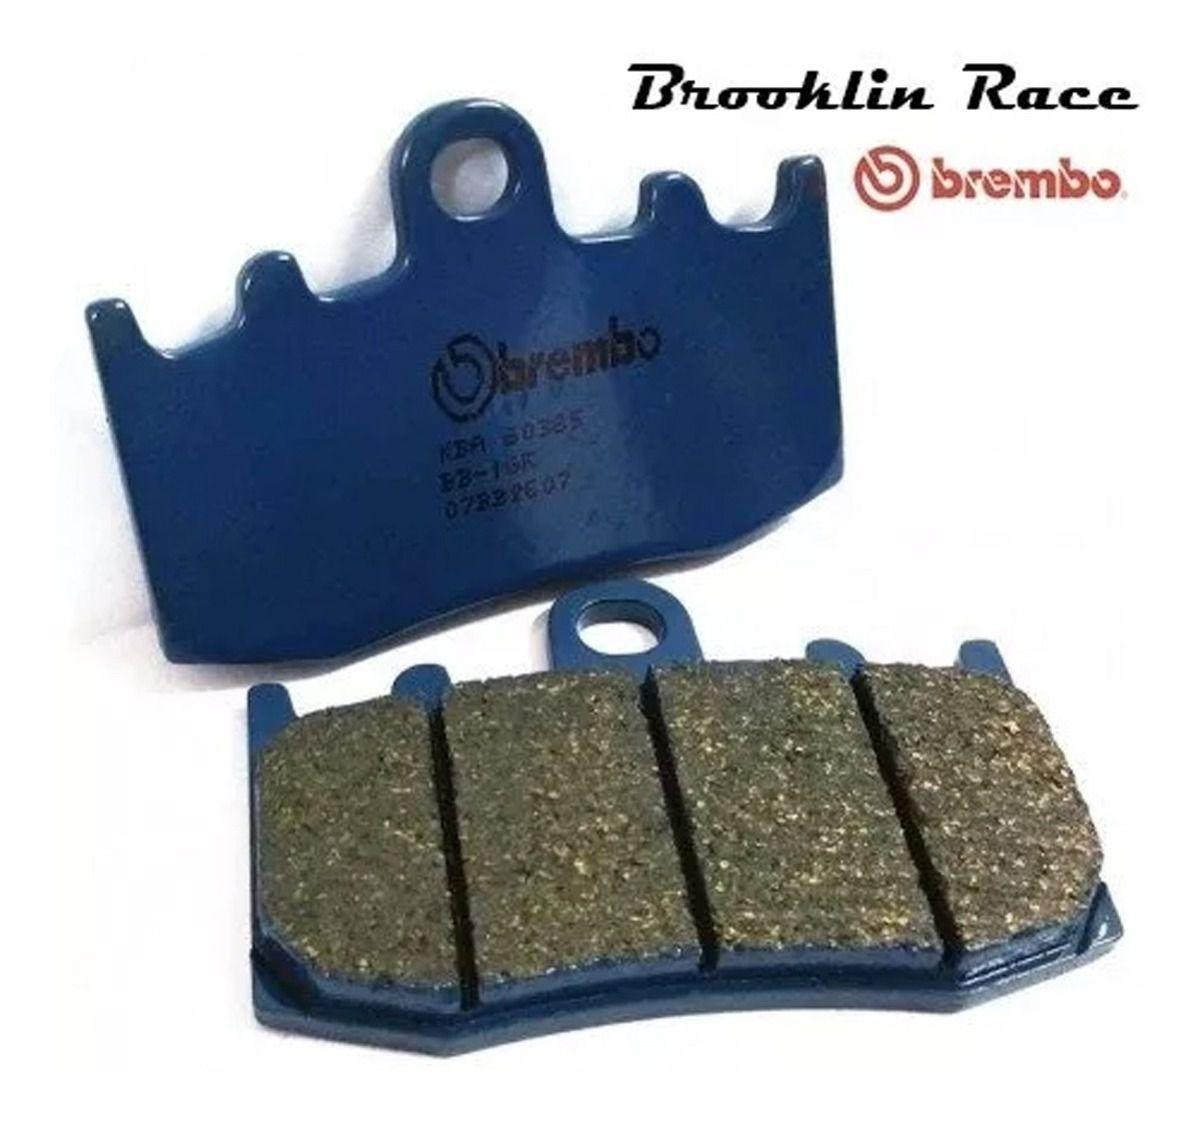 Pastilha Dianteira Brembo - Carbono Ceramica - Bmw  07bb2607